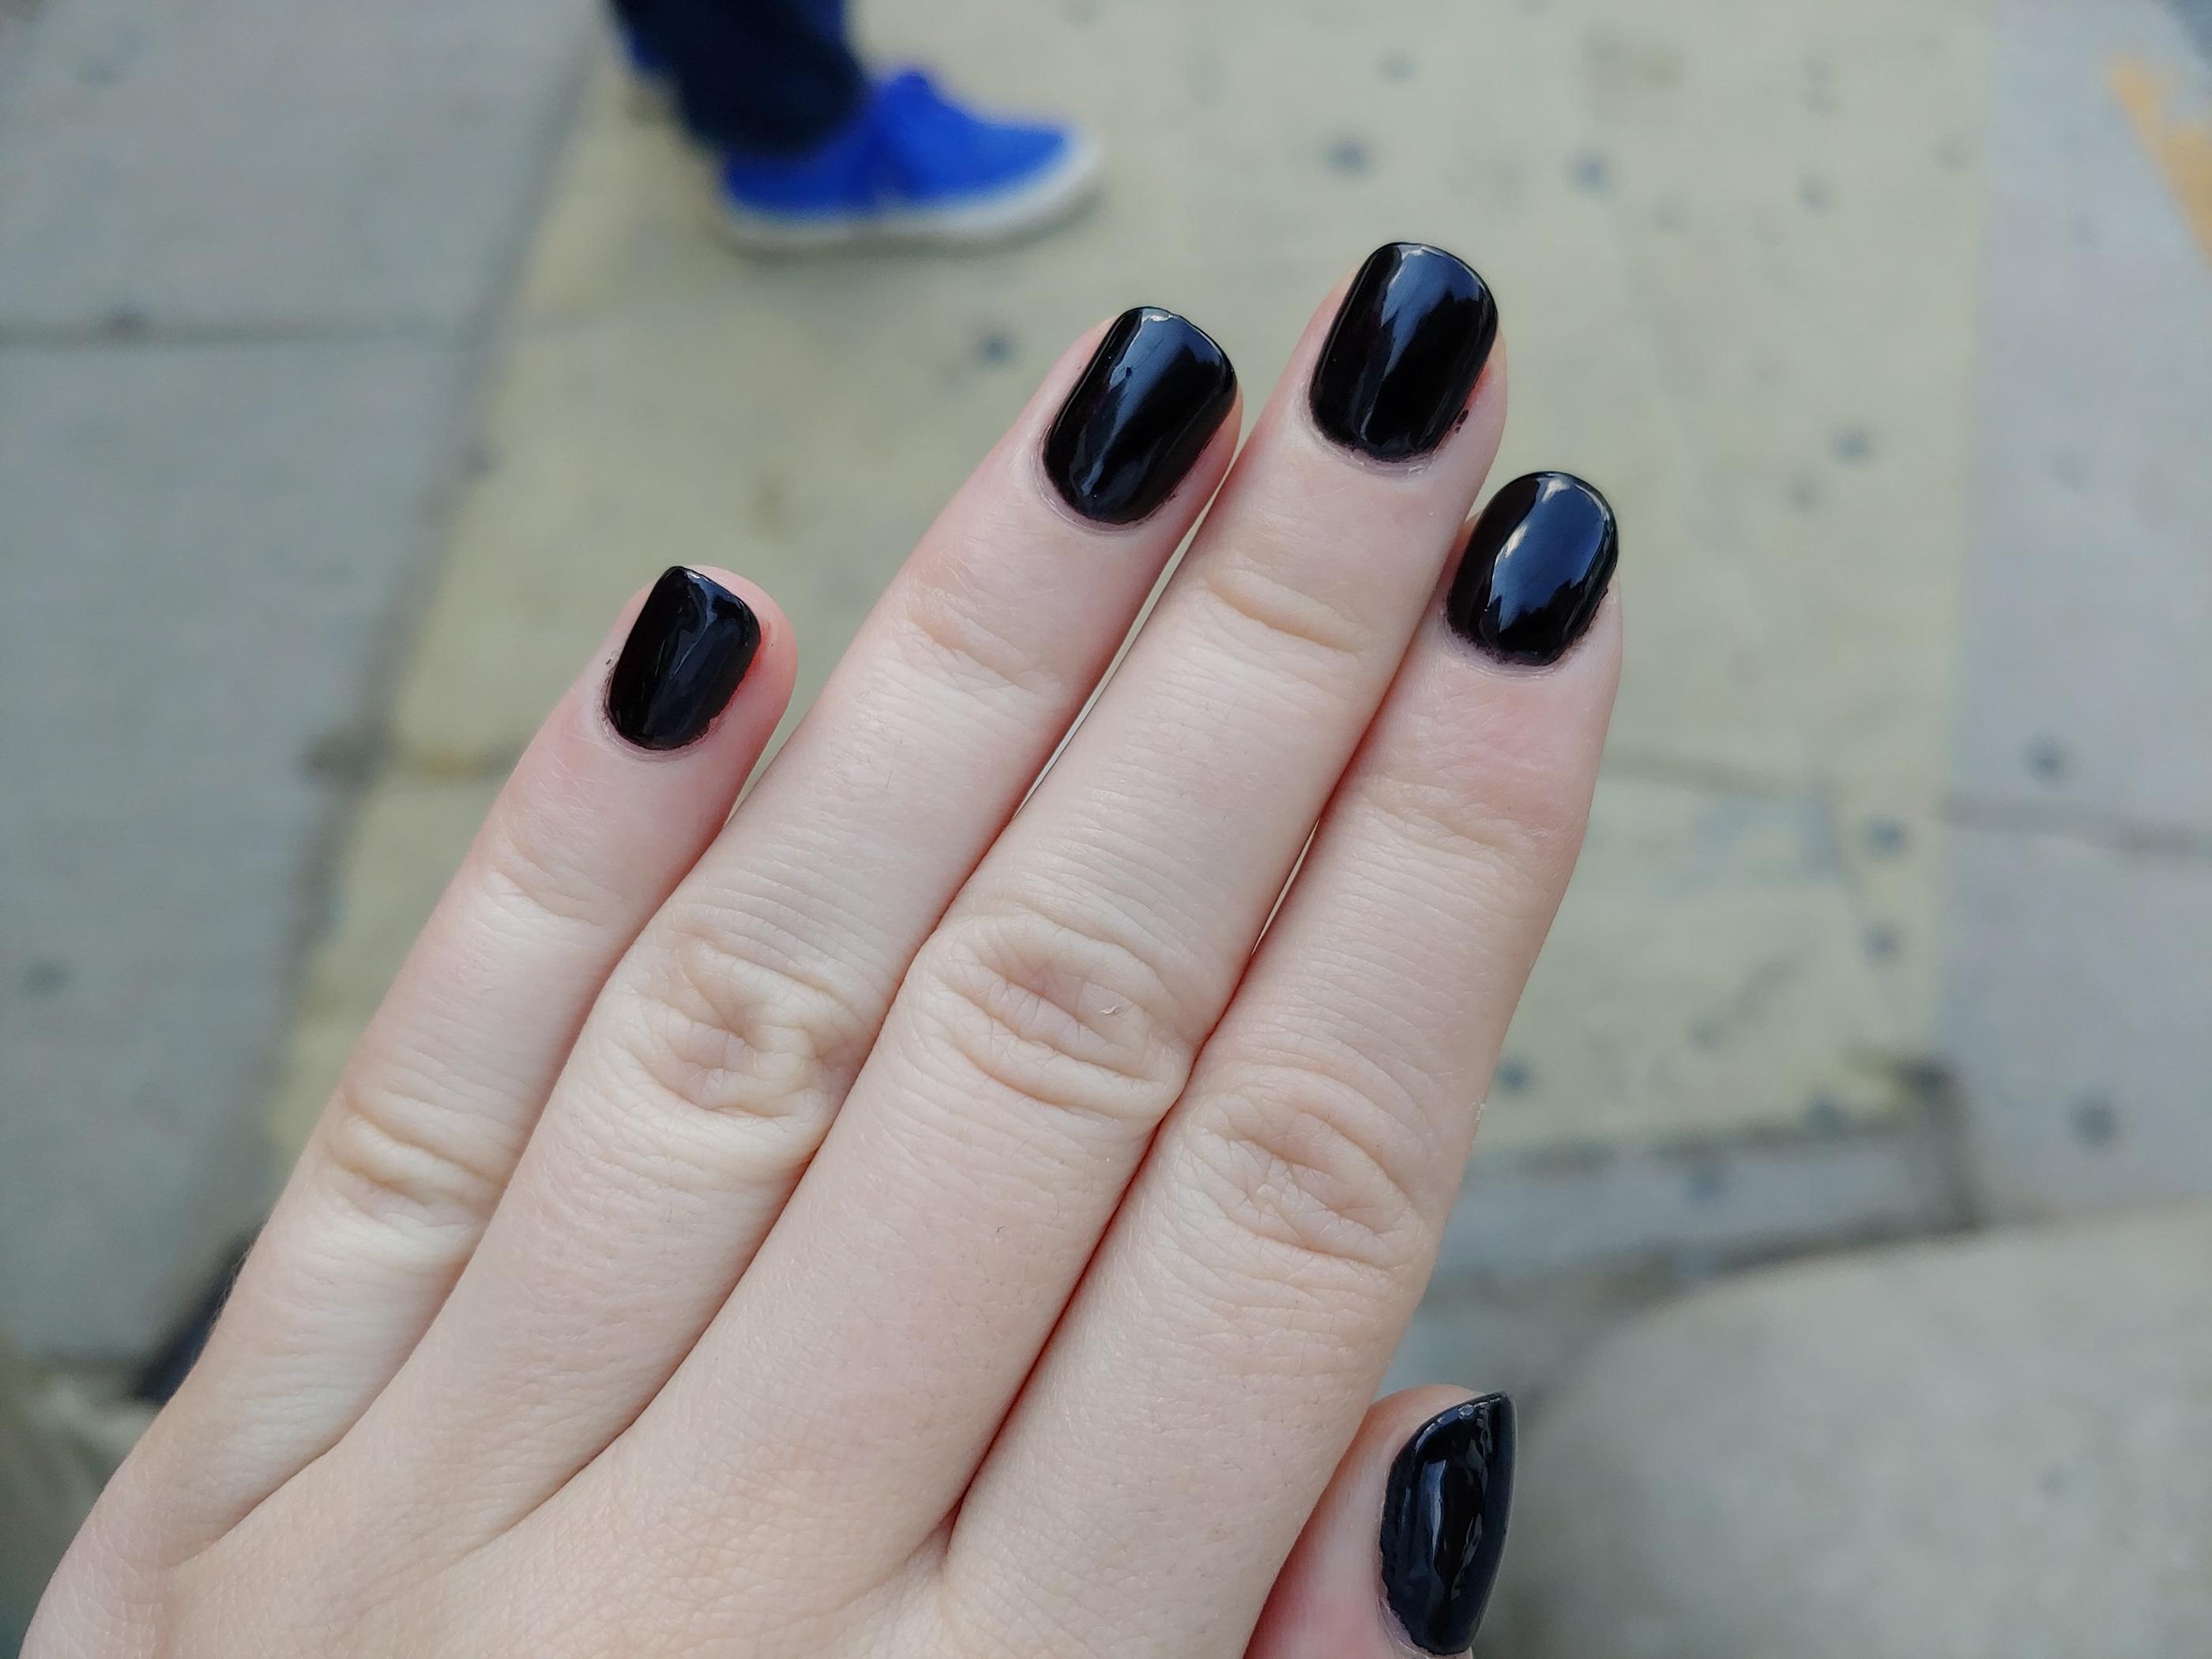 lg-g7-nails